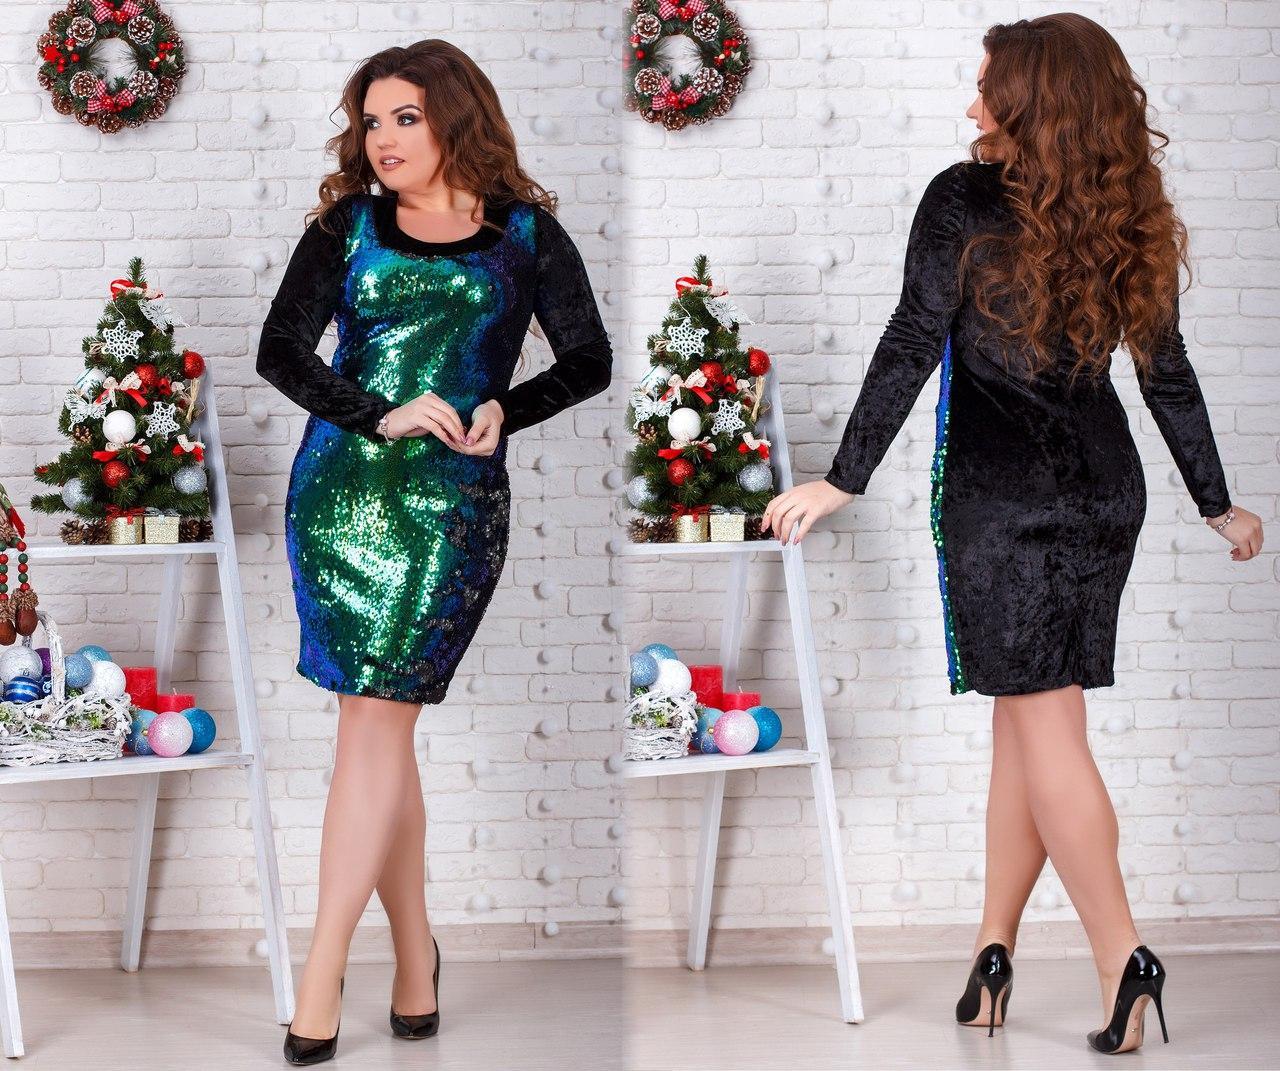 f080b785408 Деловое нарядное бархатное платье с пайетками большого размера -  Интернет-магазин